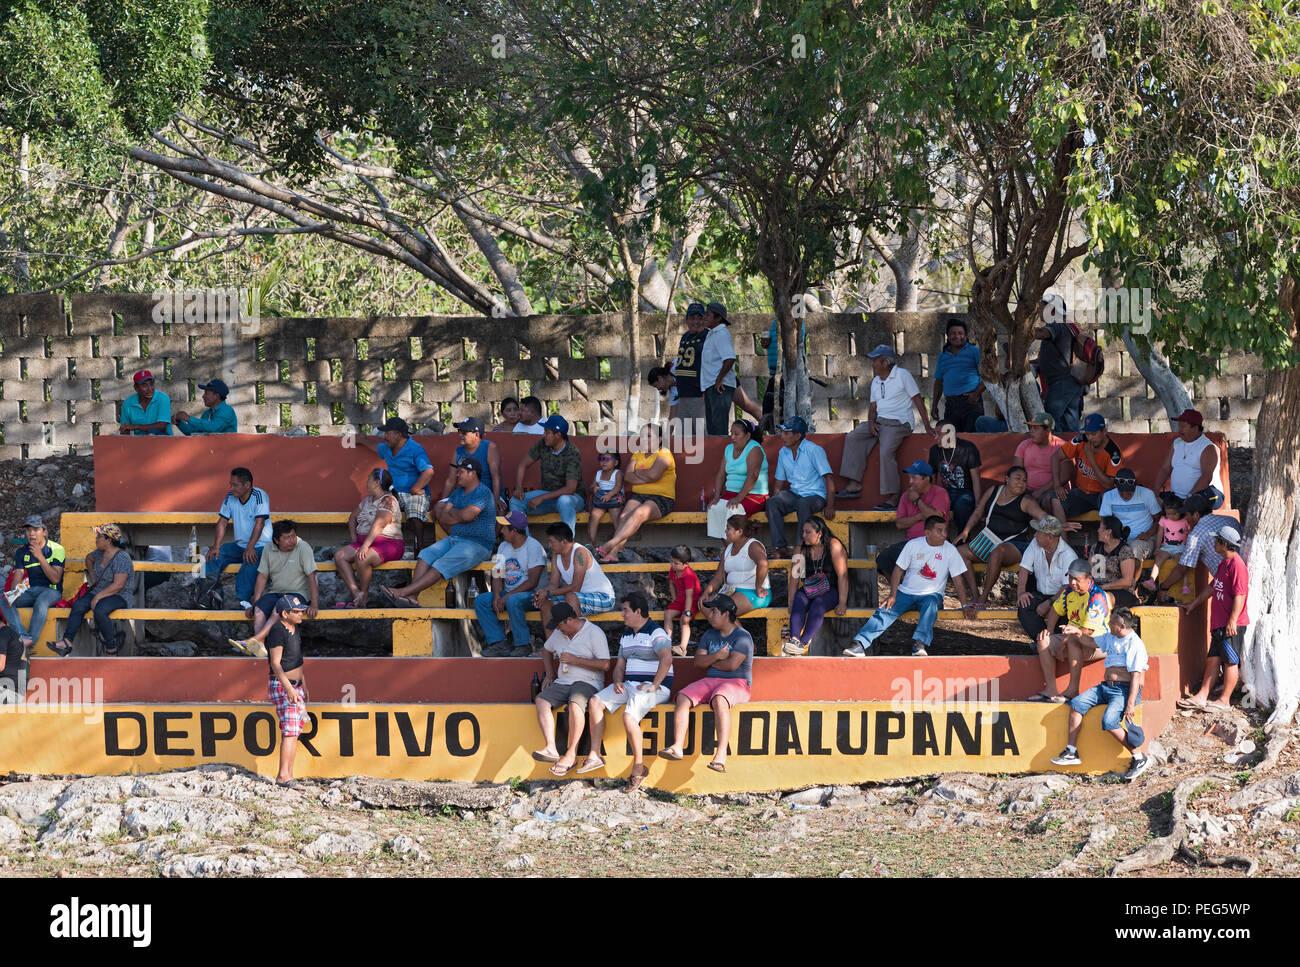 Gli spettatori di una partita di baseball in pista, Yucatan, Messico. Immagini Stock